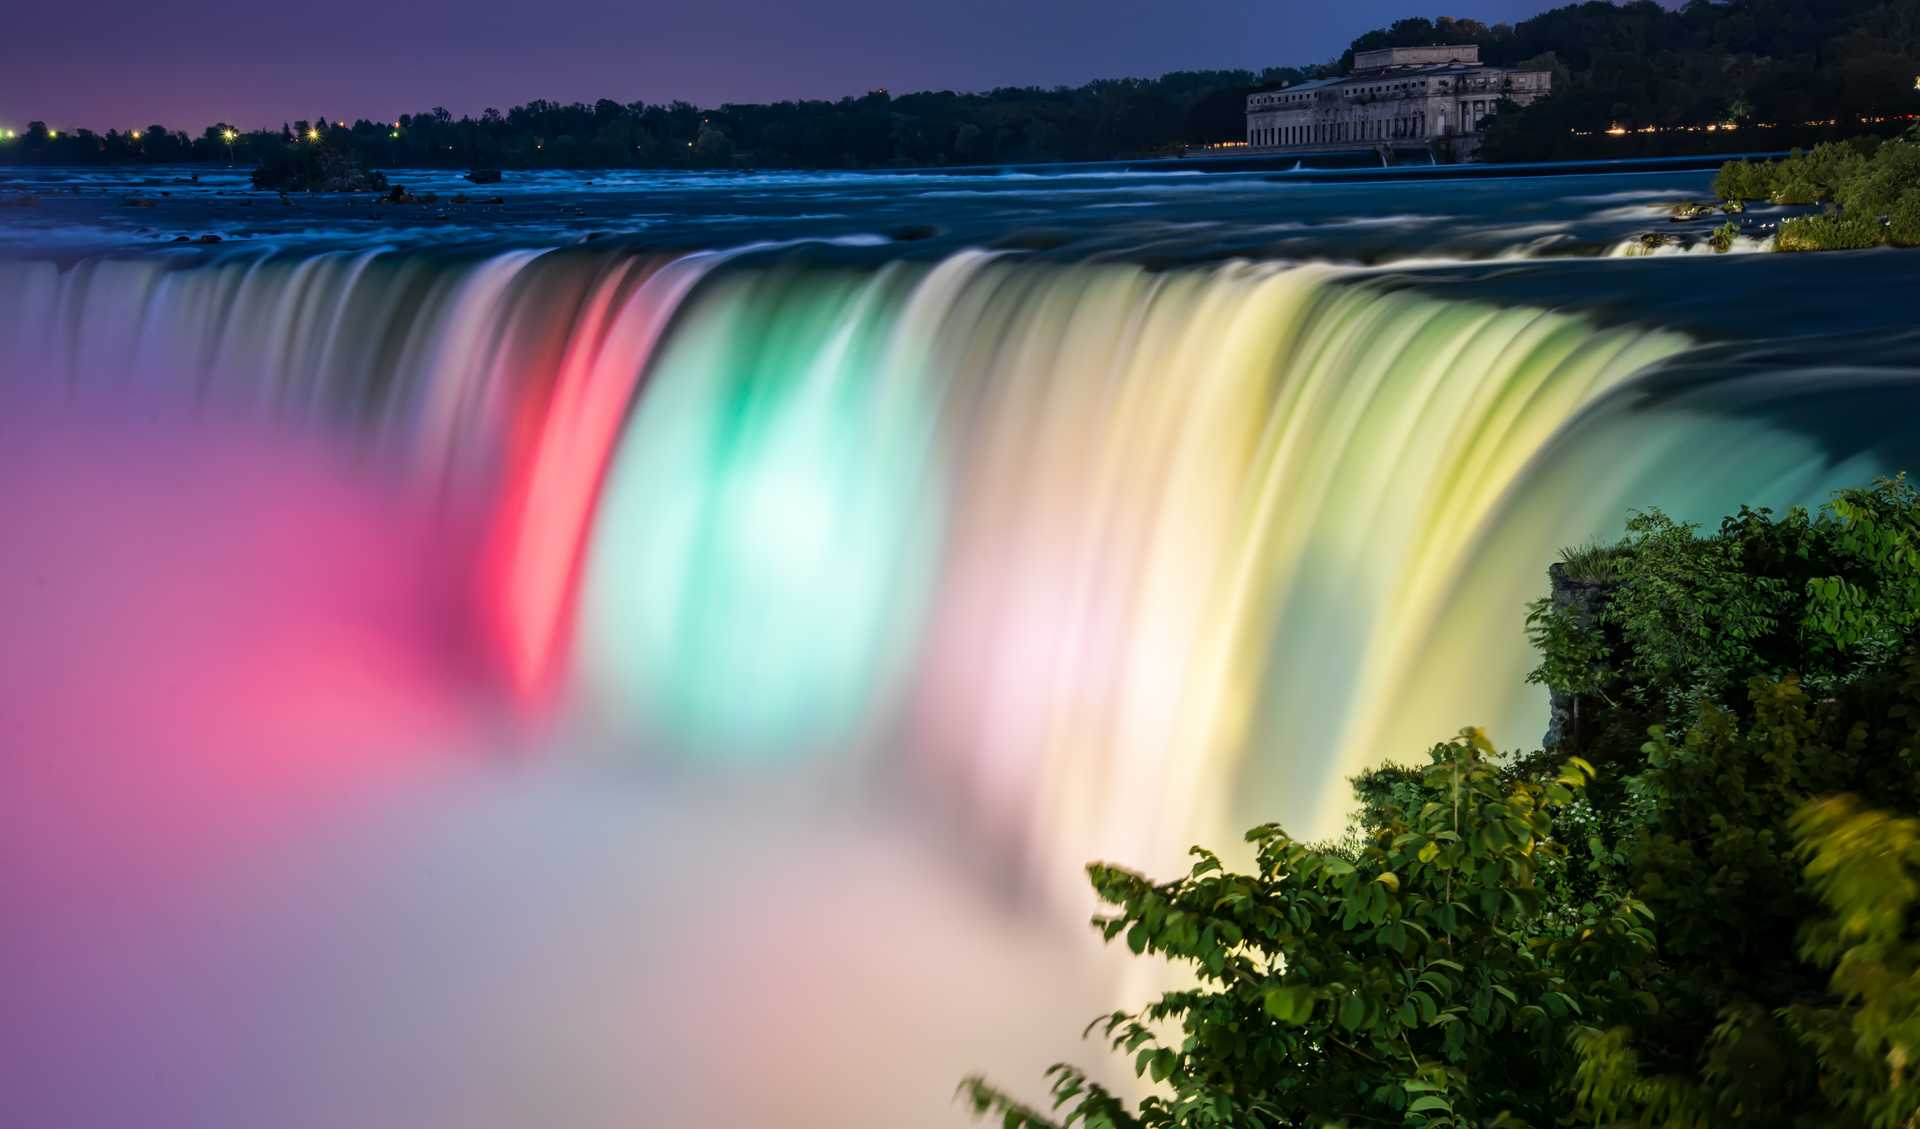 Hình ảnh thác nước bảy sắc cầu vồng